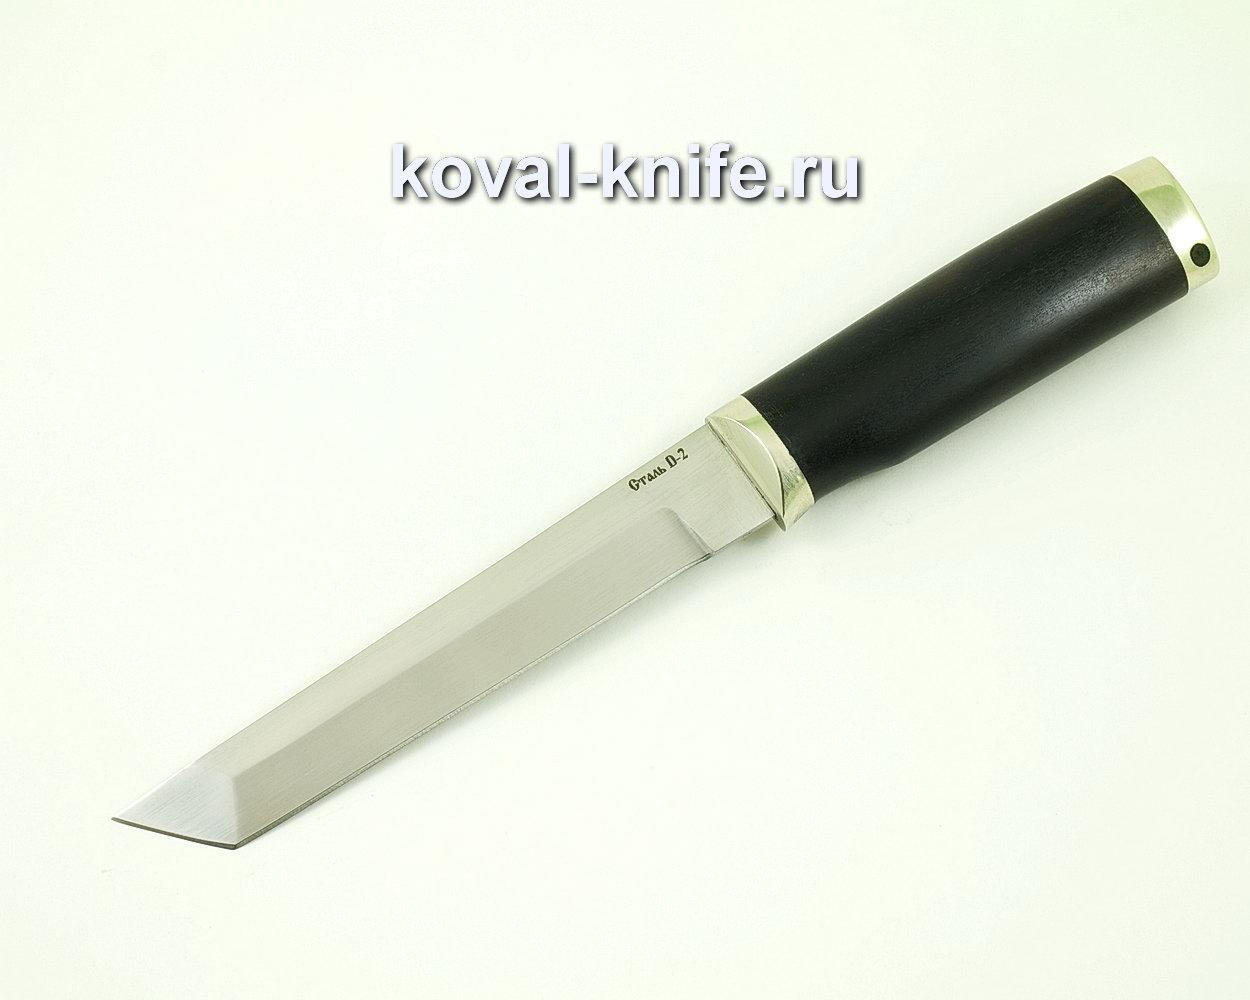 Нож Кобун из стали D2 (Рукоять граб, литье) A418